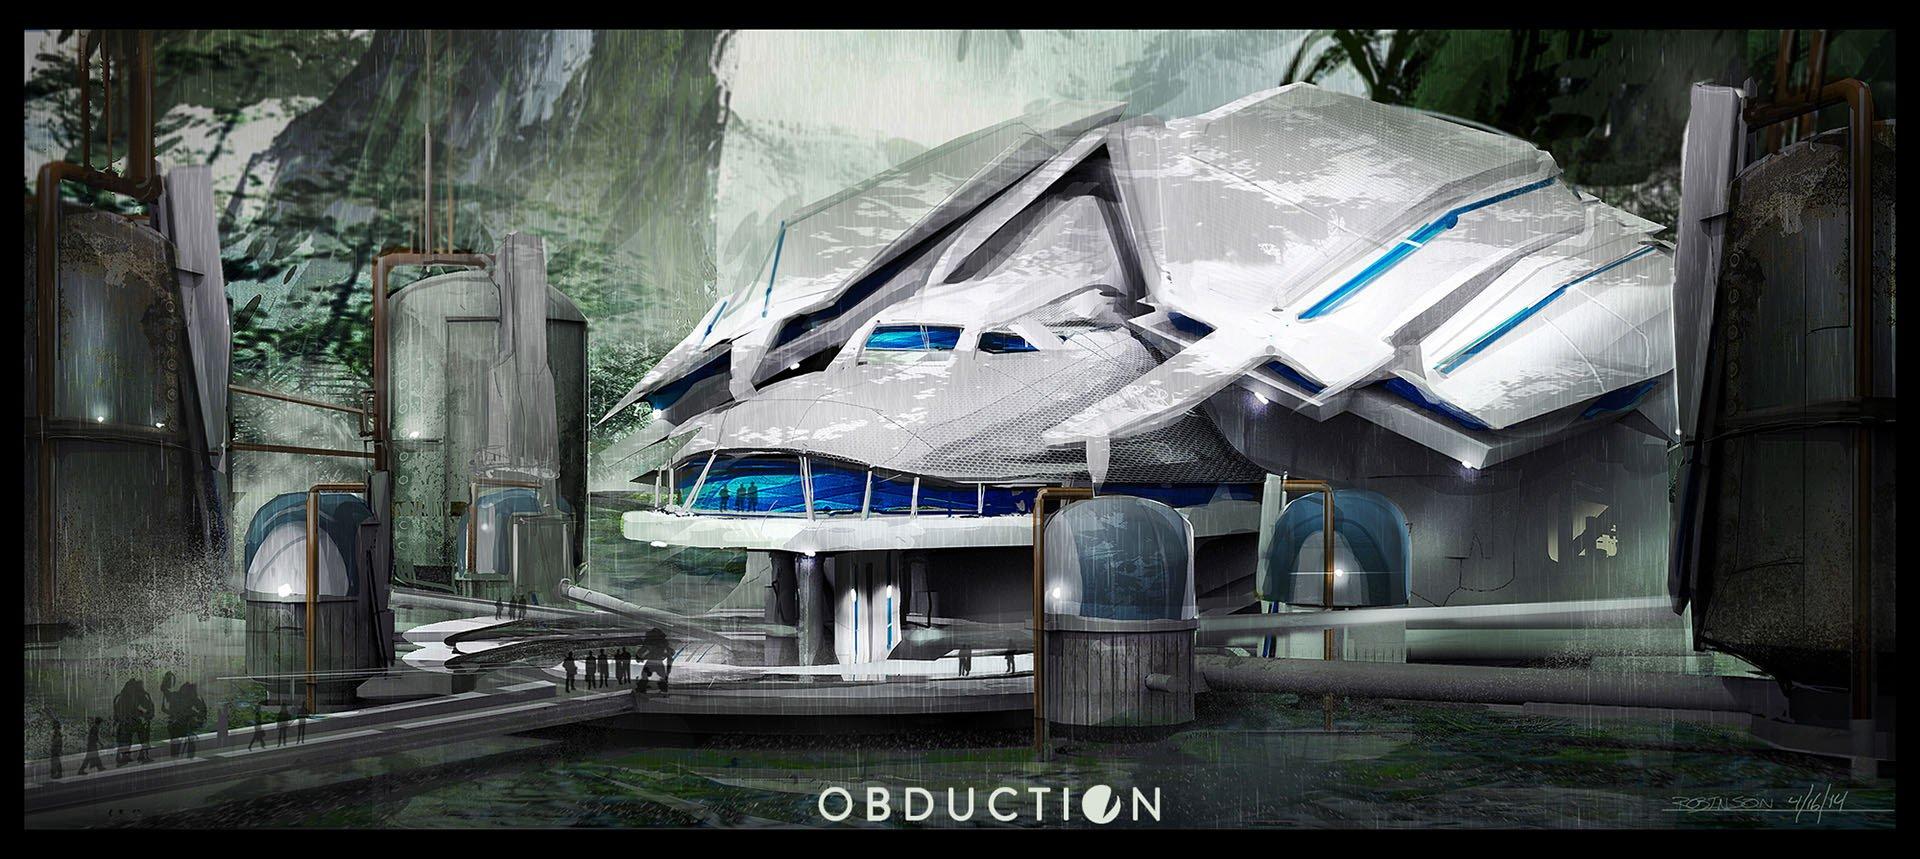 Возвращение Myst-ических квестов. Обзор Obduction. - Изображение 1